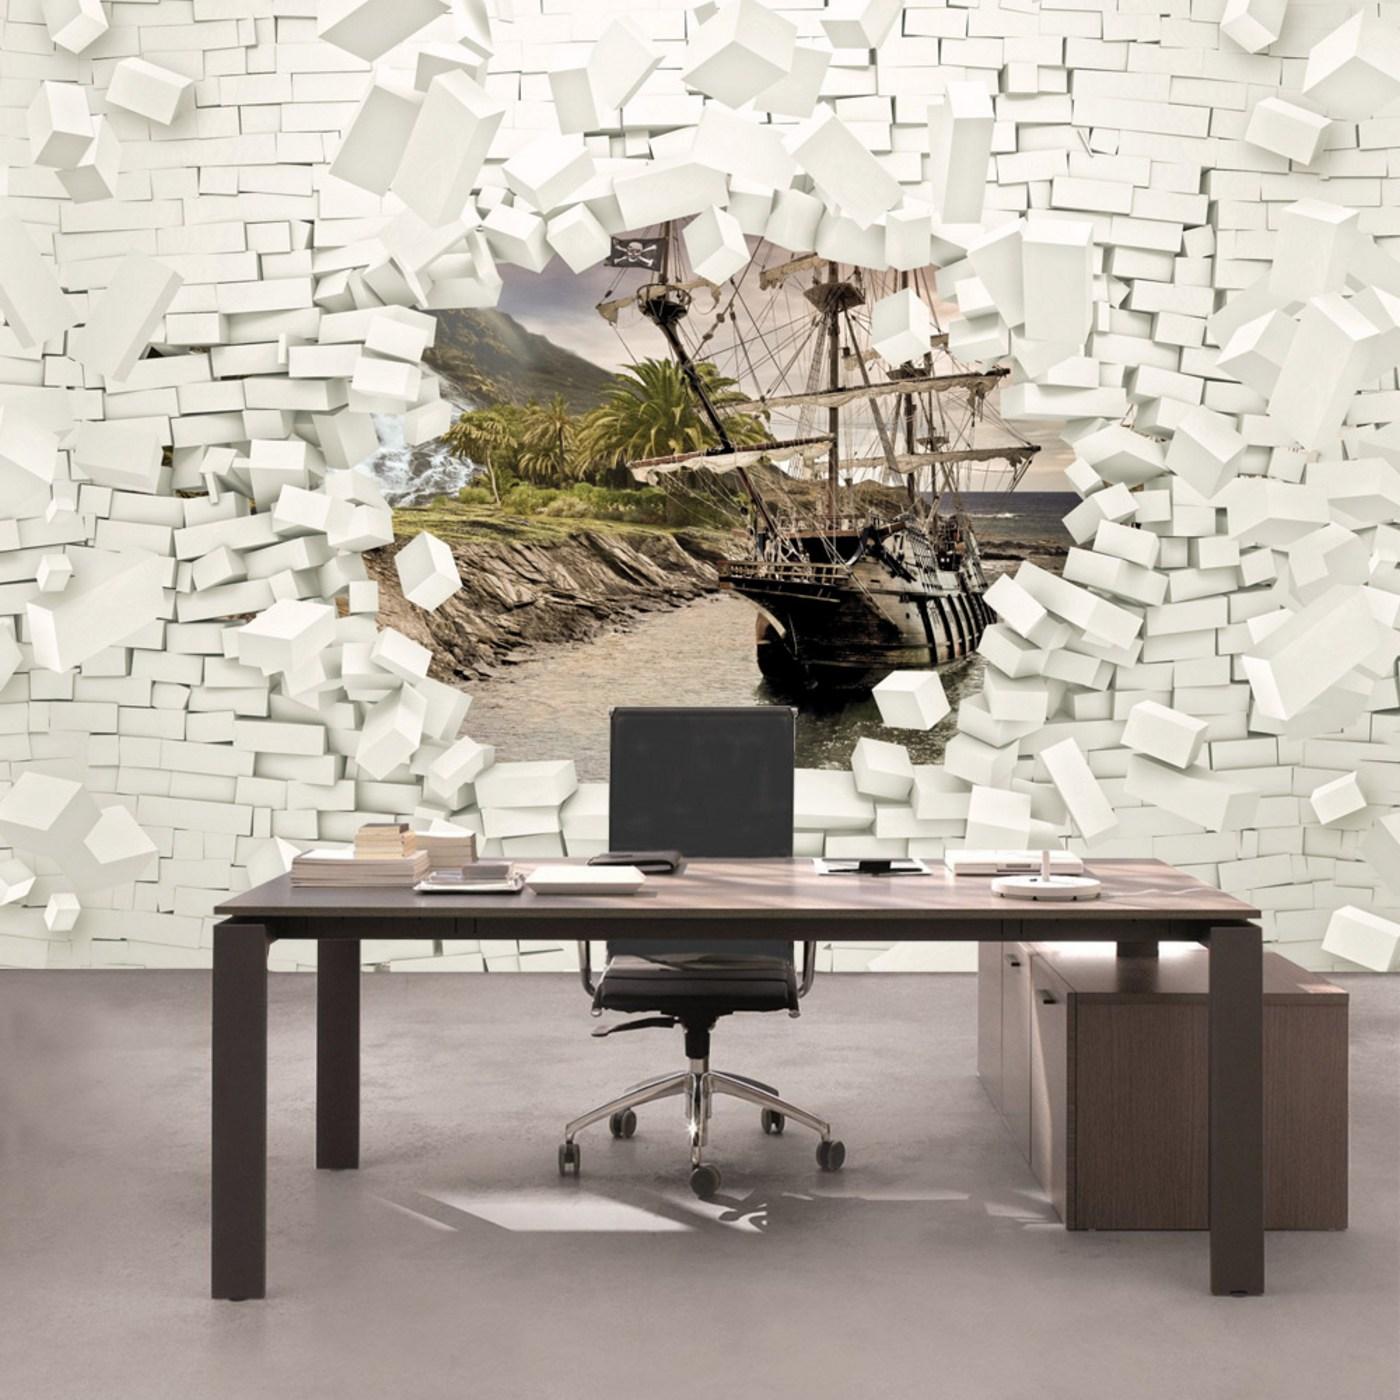 Tapete steinoptik 3d great tapete steinoptik wohnzimmer for Tapete stein